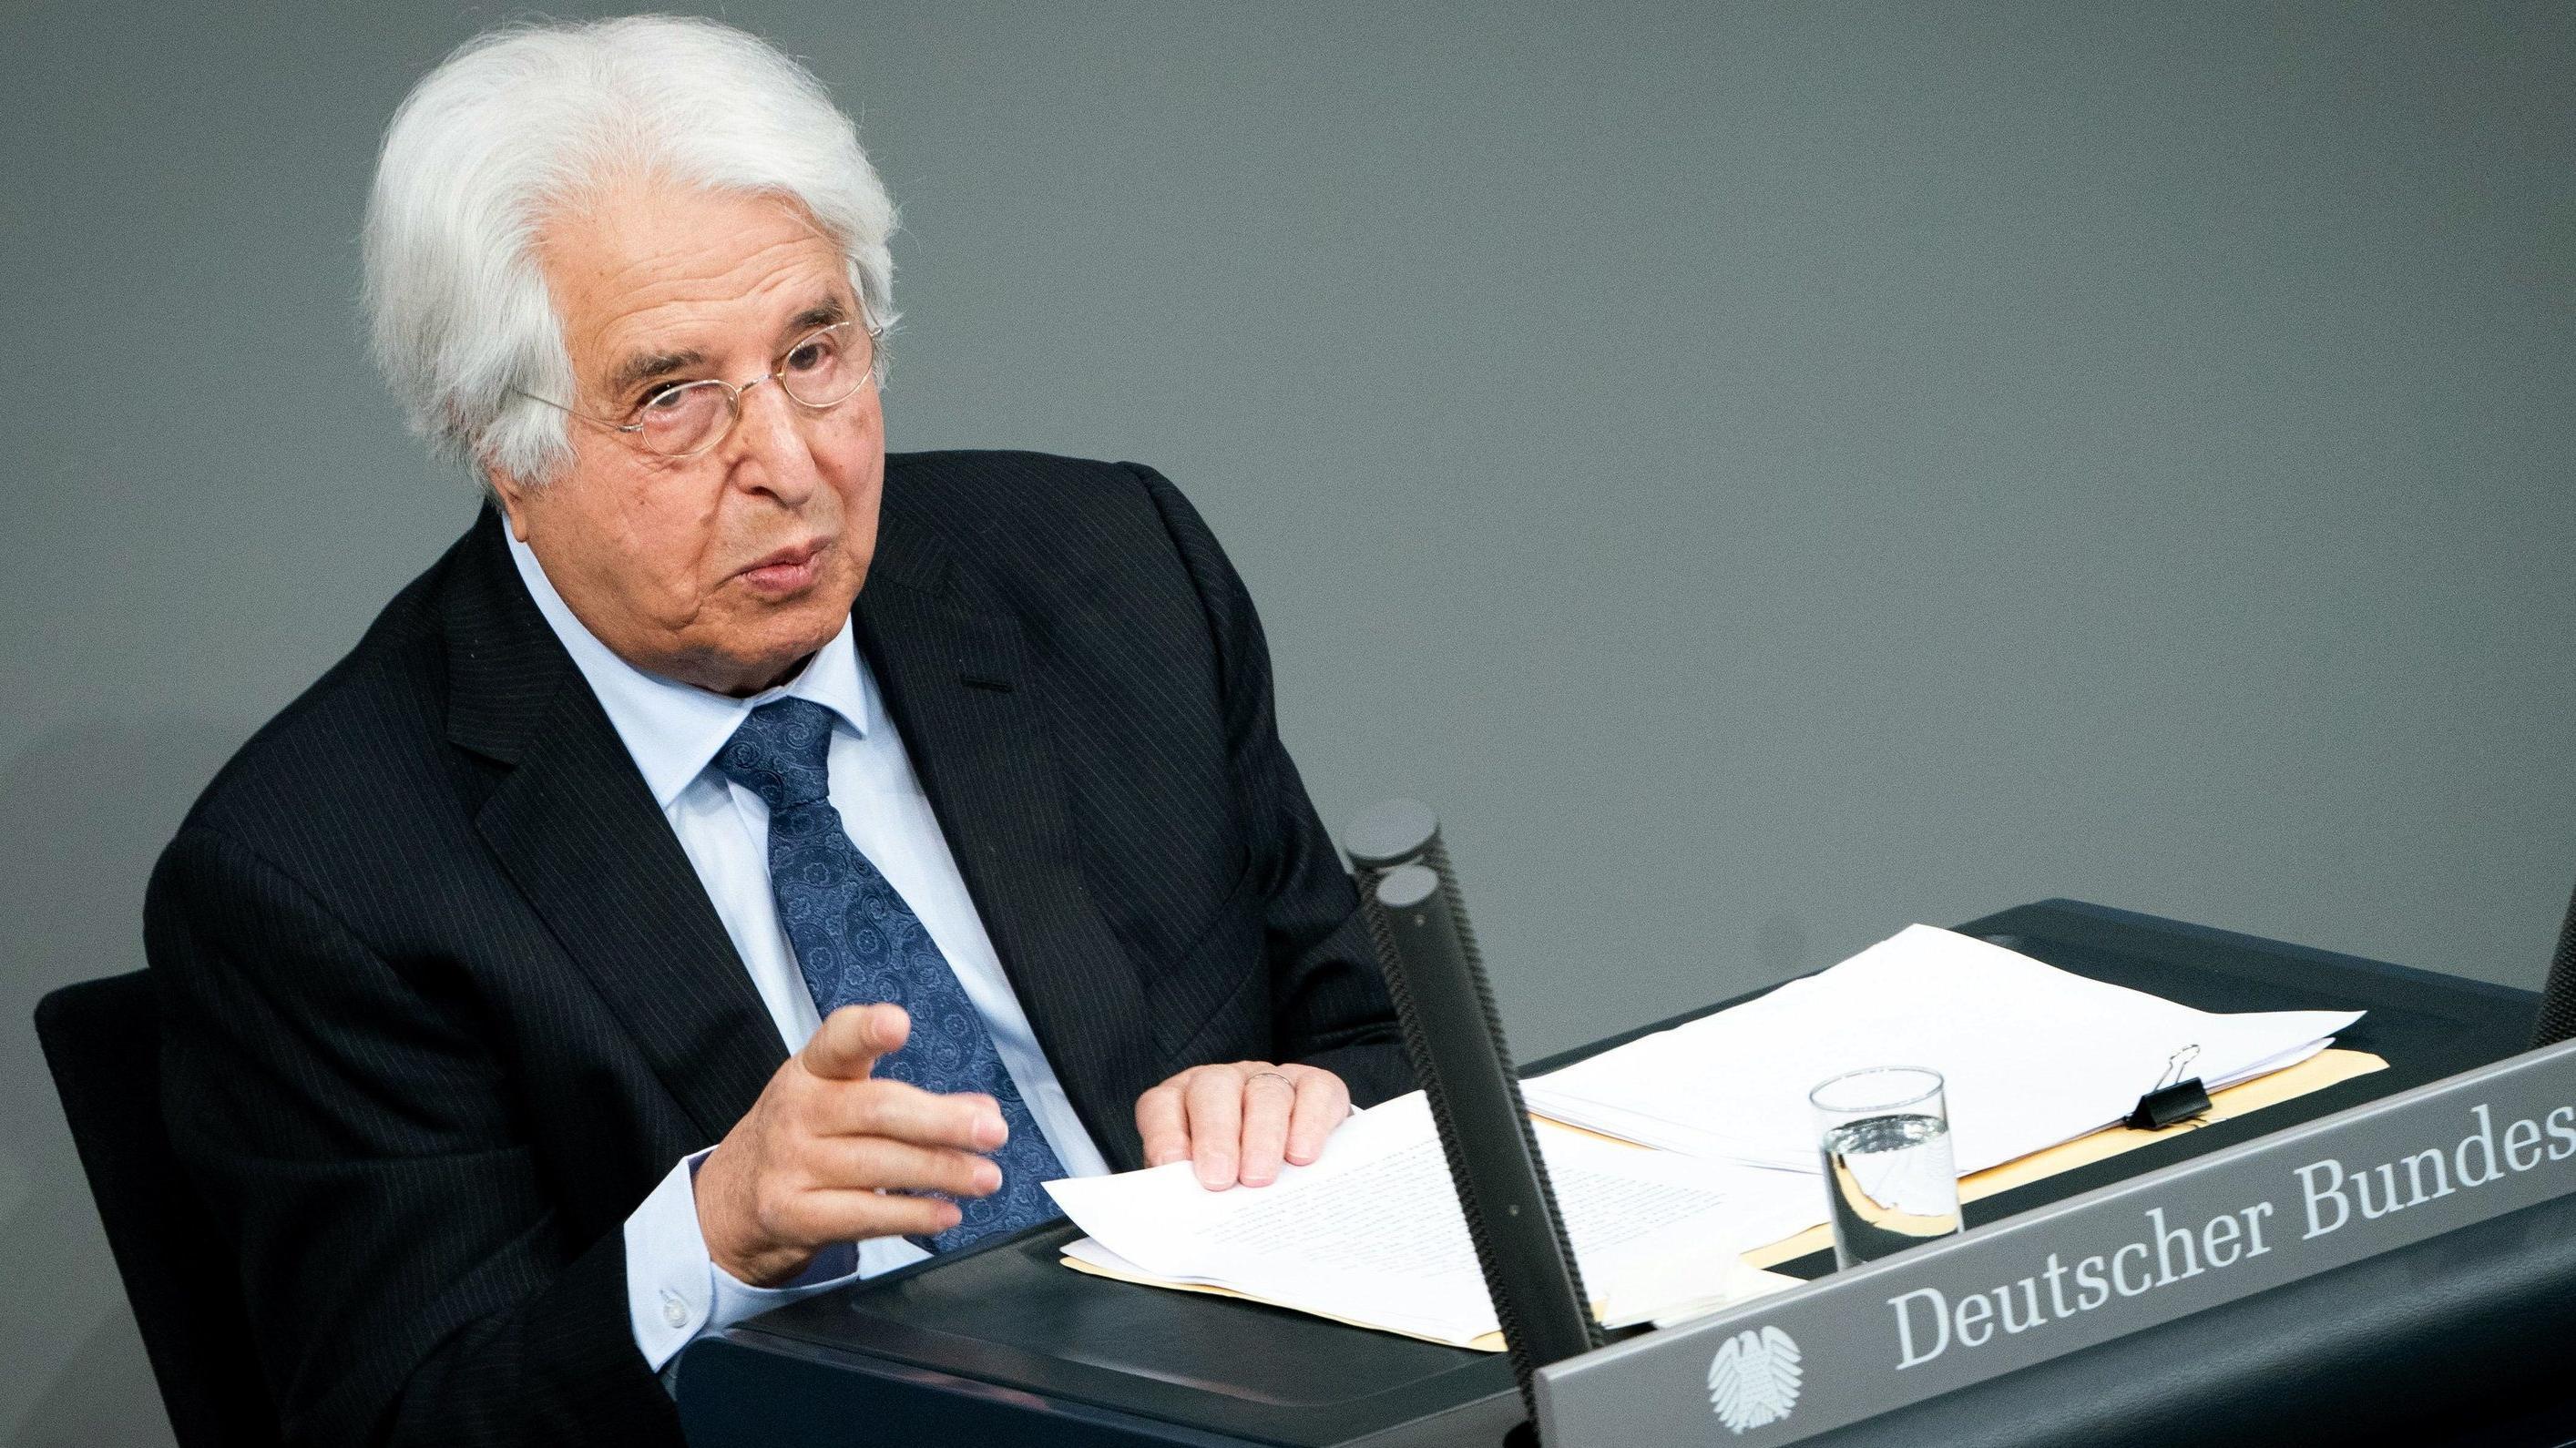 Saul Friedländer spricht im Bundestag